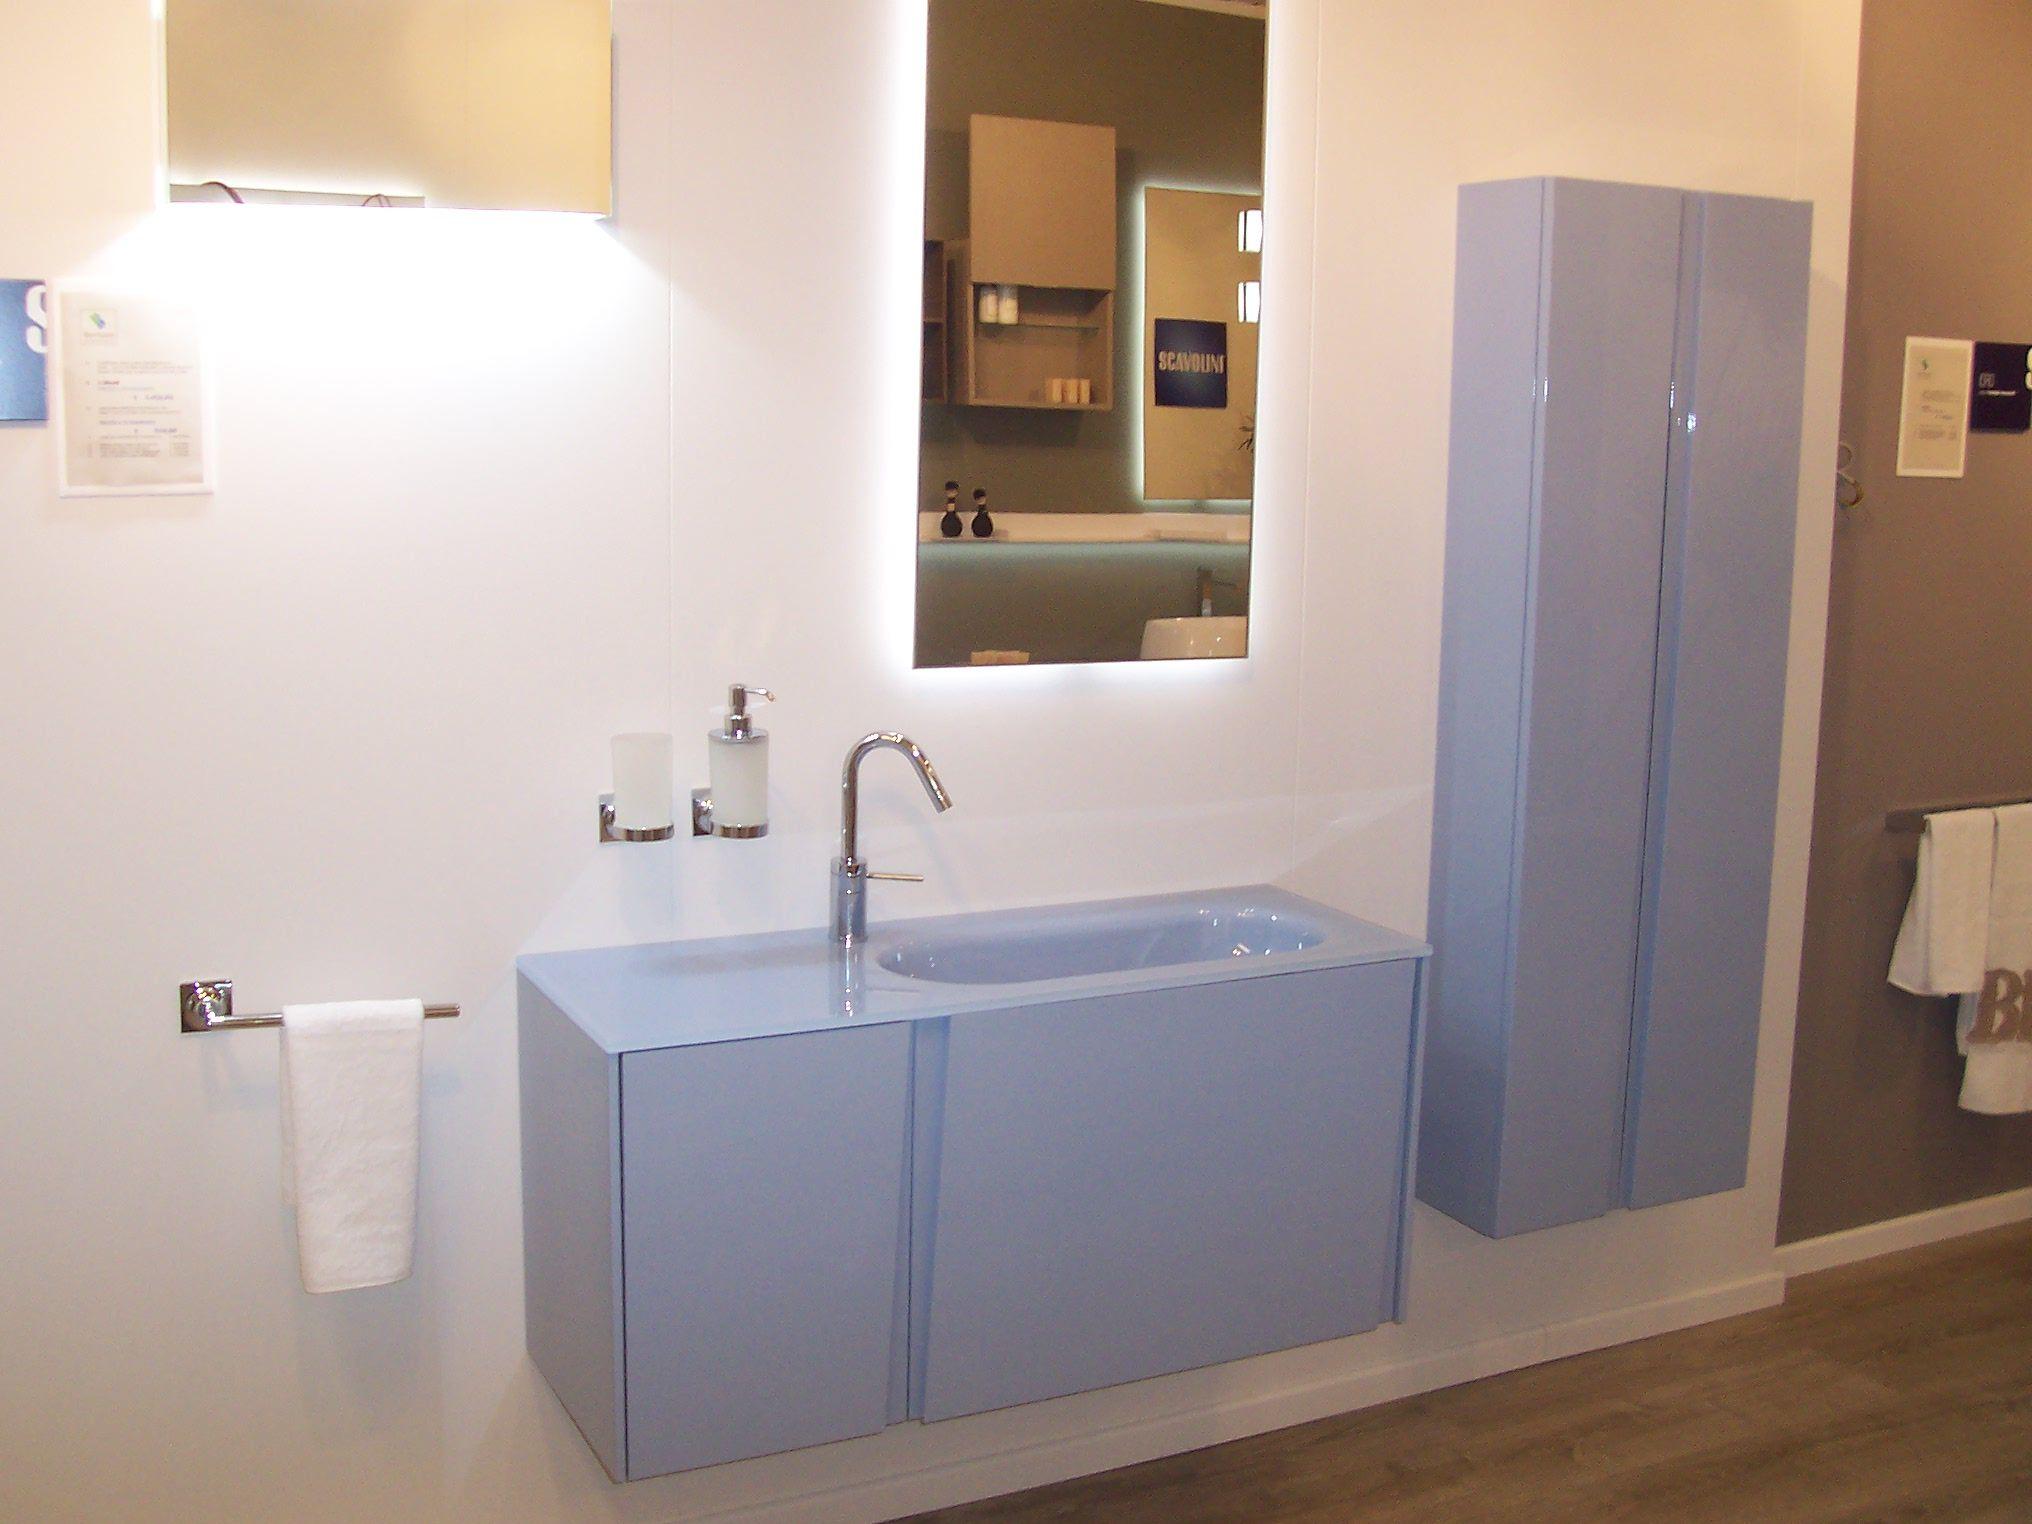 bagni scavolini e bertussi arredamenti | esposizione bagni, Hause ideen